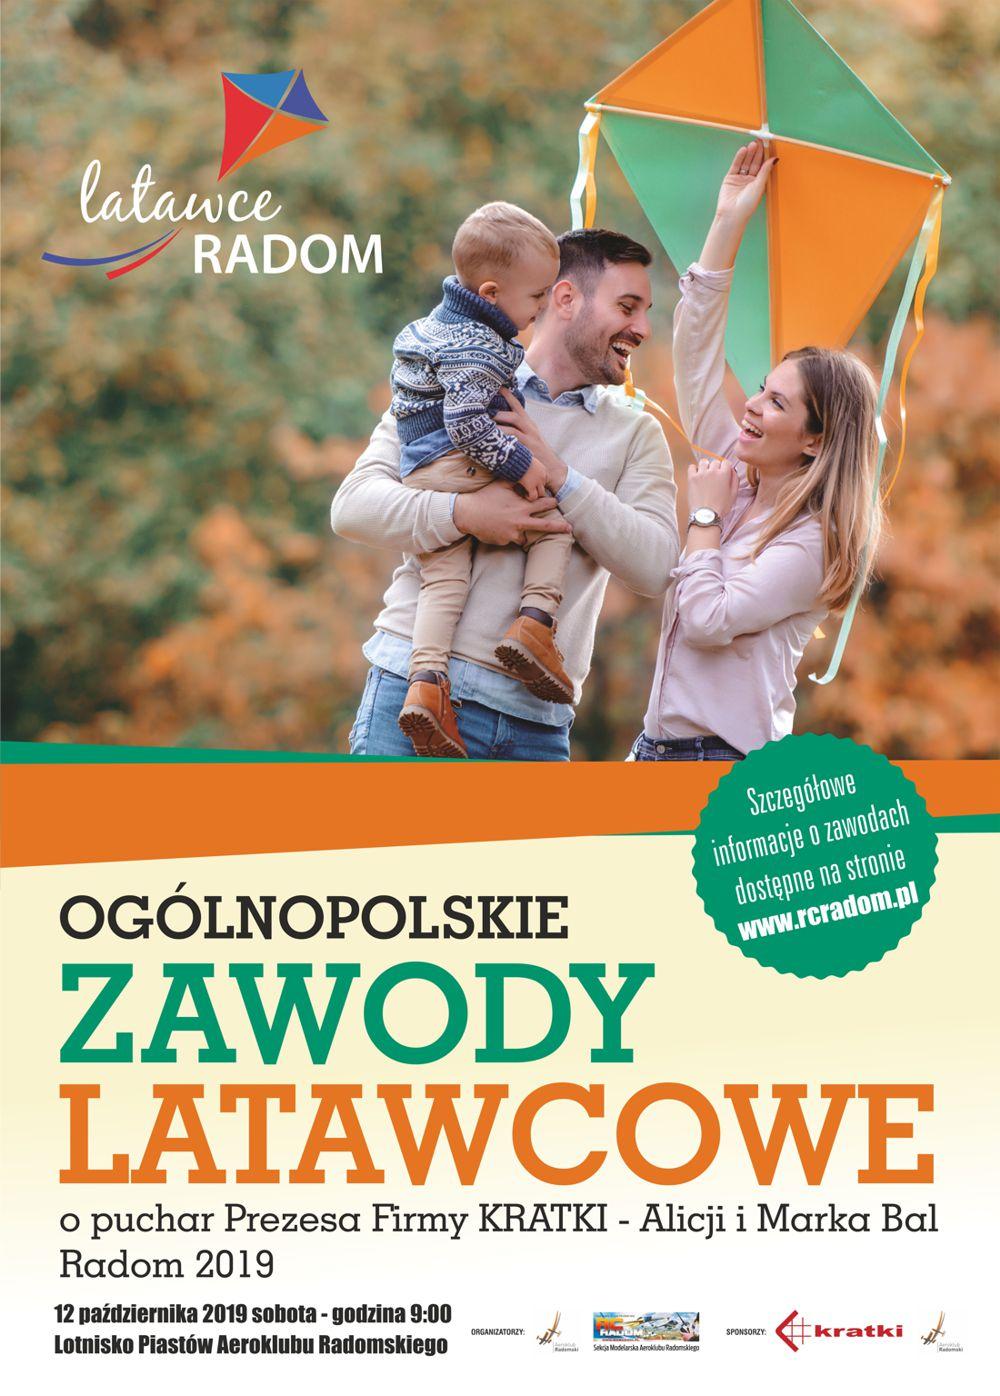 www.rcradom.pl/admin/Latawce/latawce_plakat_new.jpg